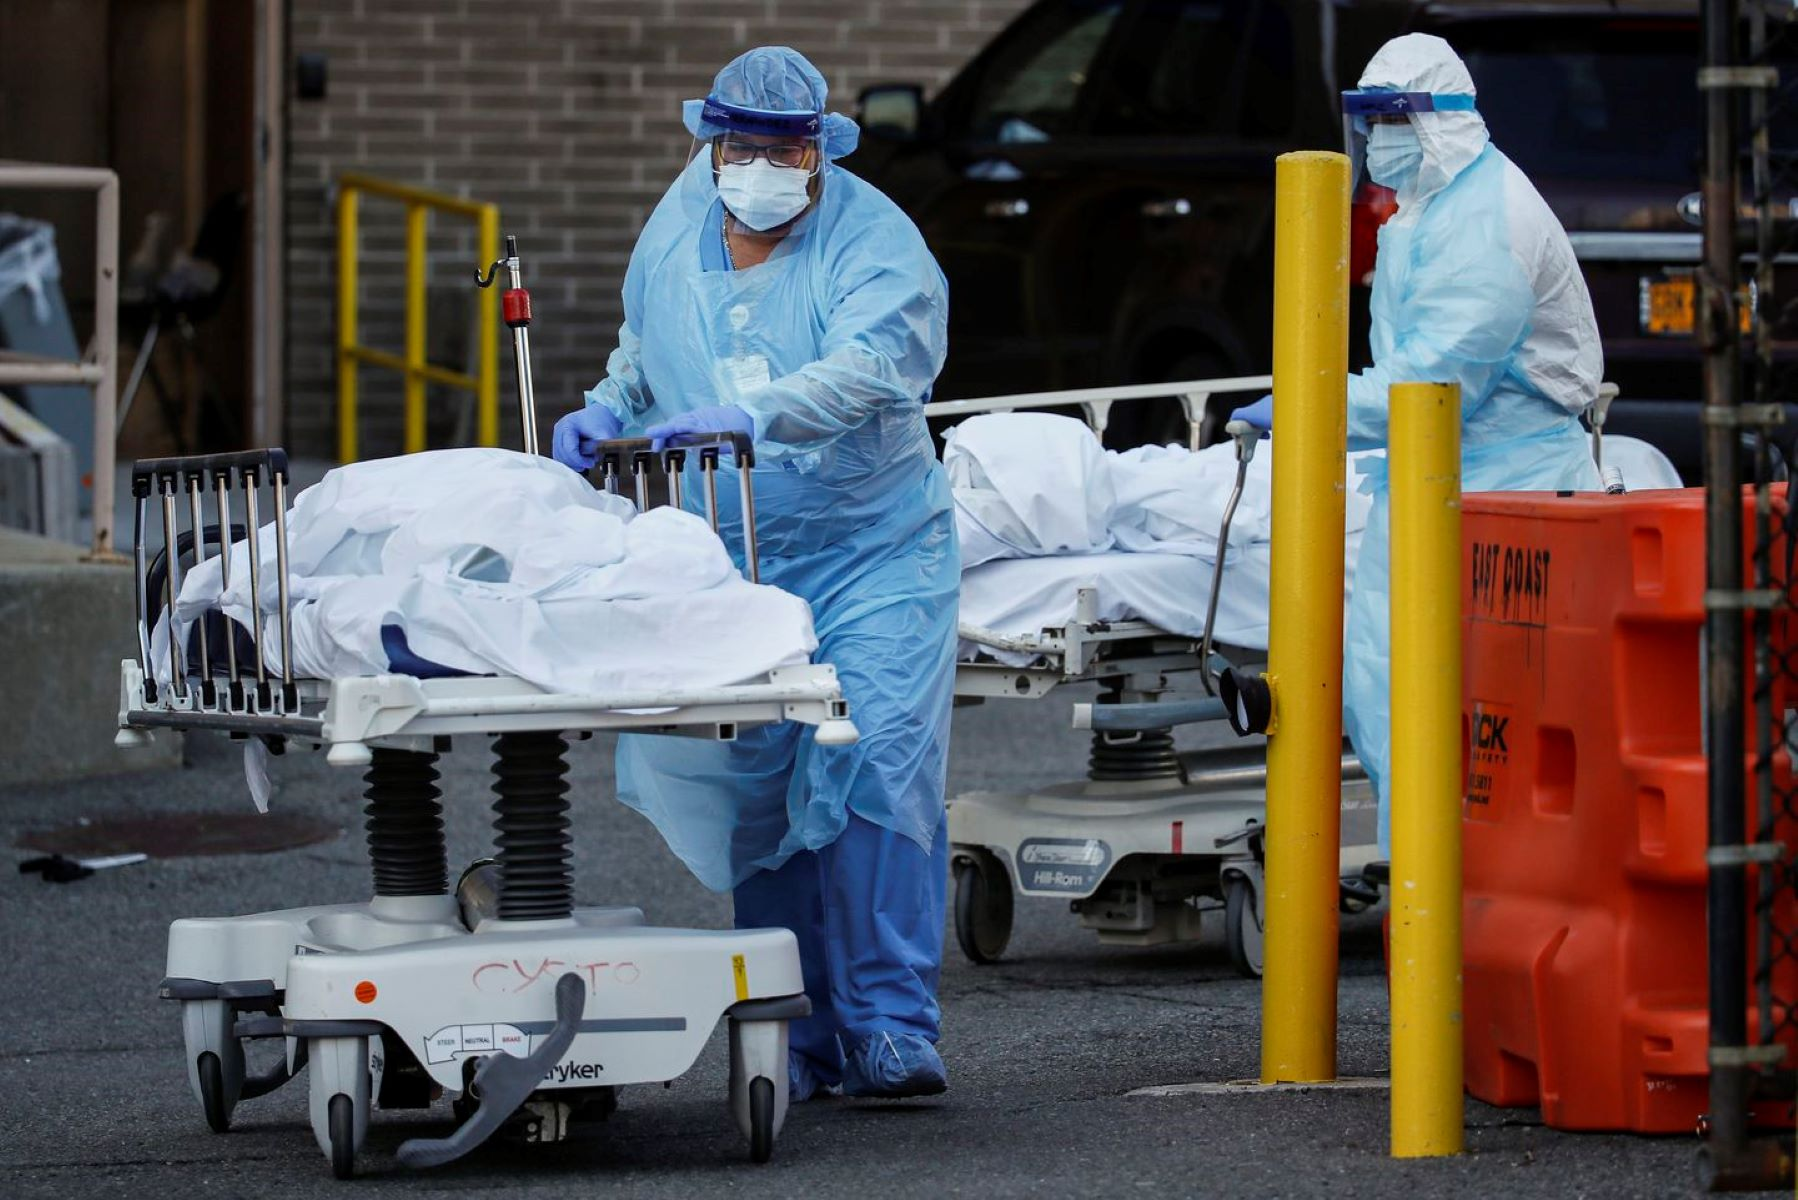 Κορωνοϊός κρούσματα : 1.211 νέοι ασθενείς.114  διασωληνωμένοι . 2 νέοι θάνατοι (πίνακες)